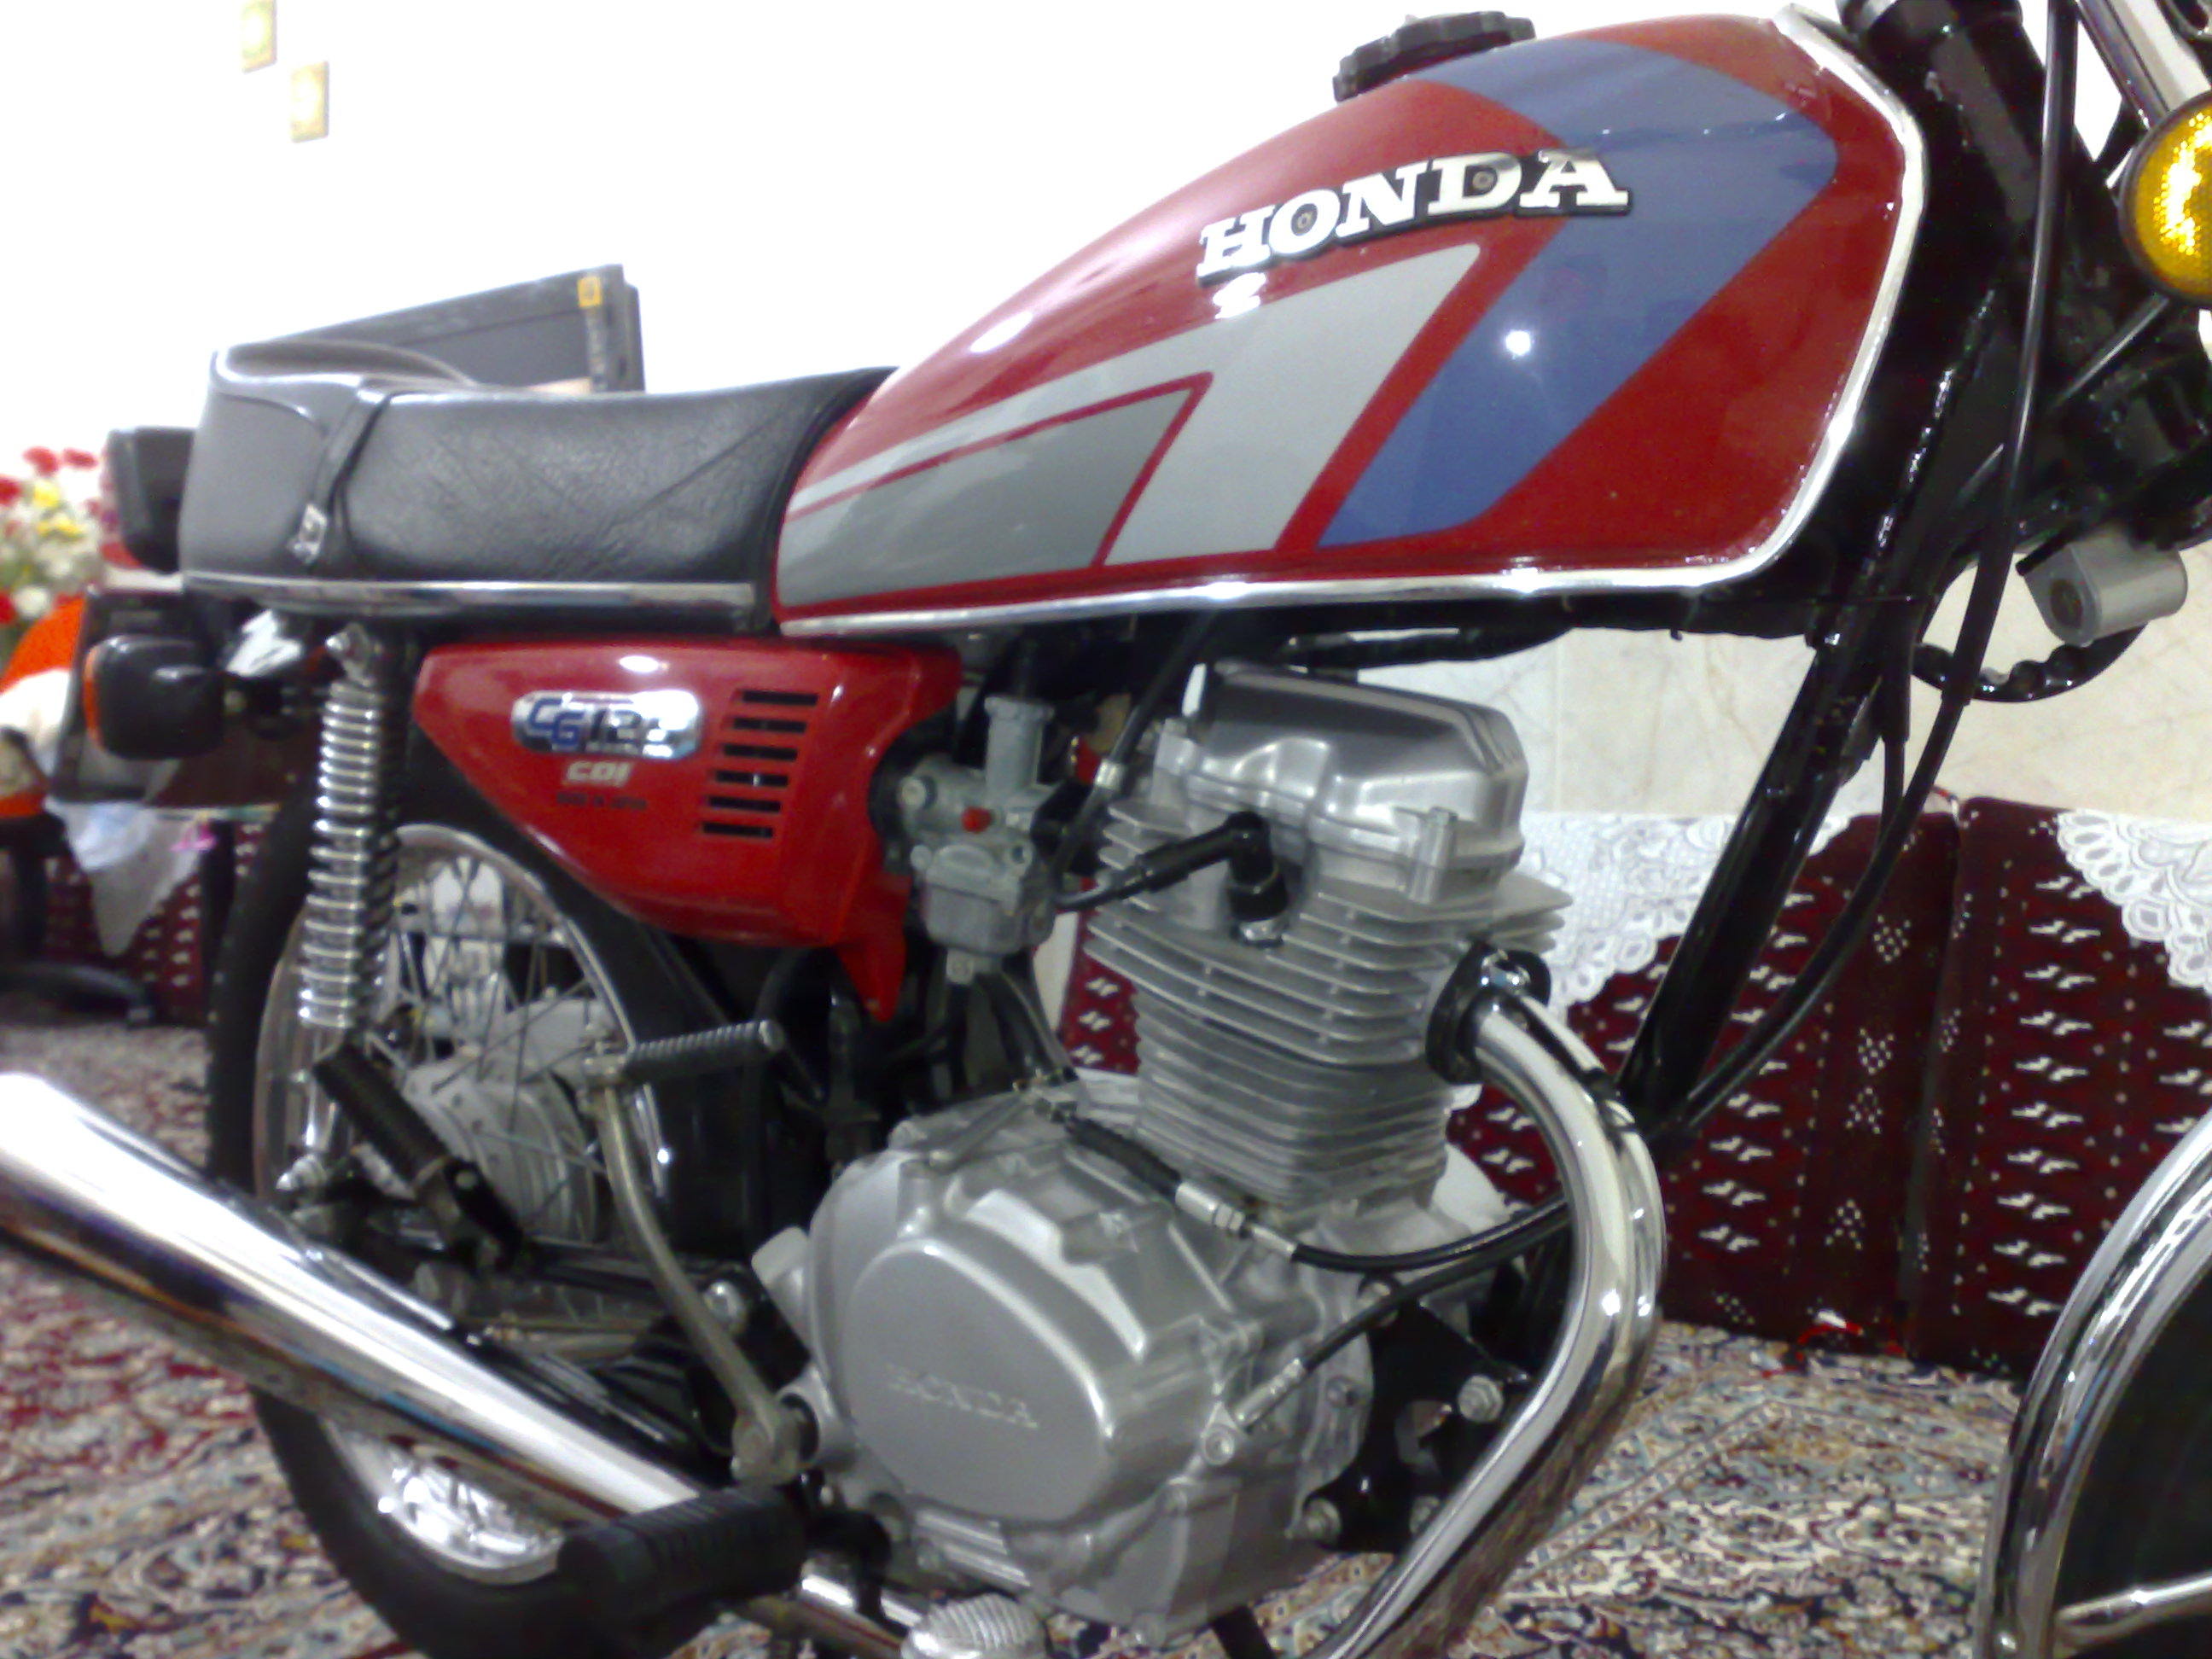 عکس موتور یاماها تریل ۱۲۵